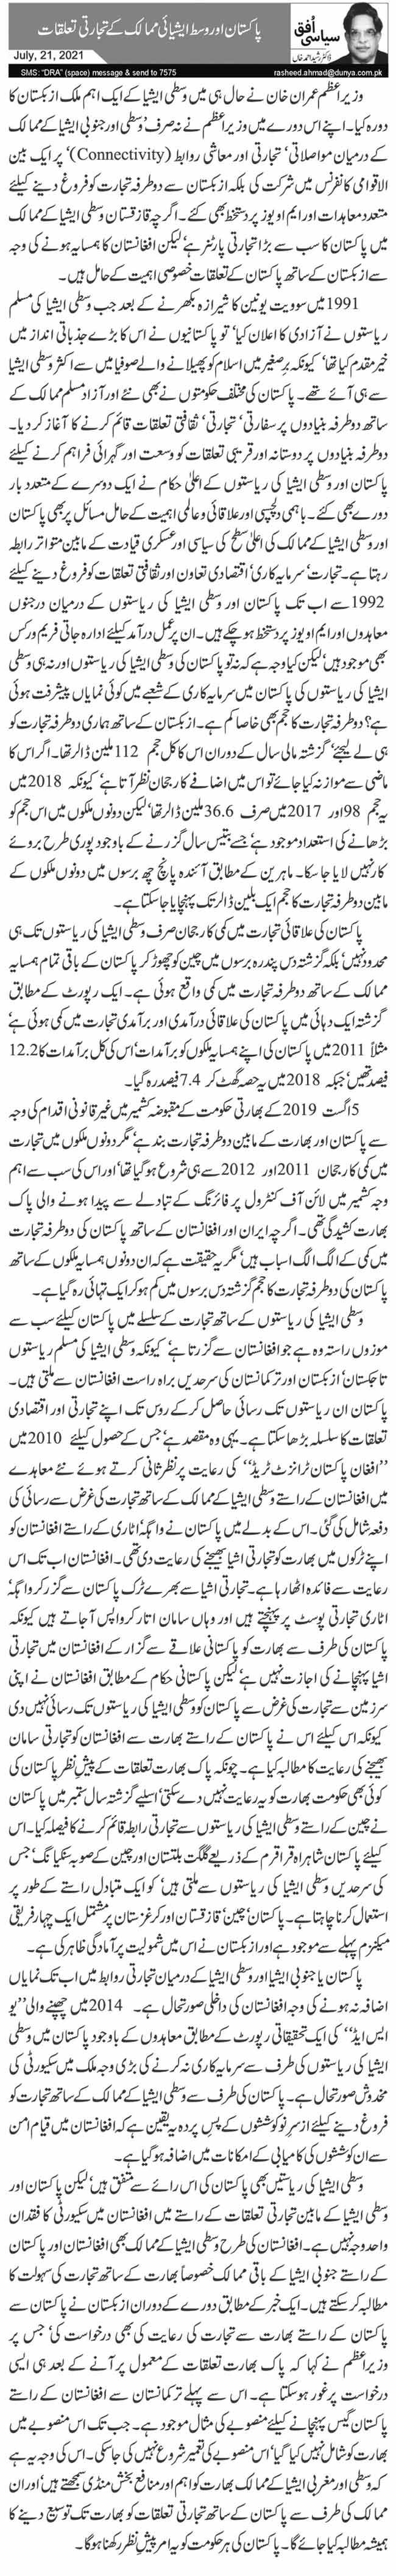 پاکستان اور وسط ایشیائی ممالک کے تجارتی تعلقات